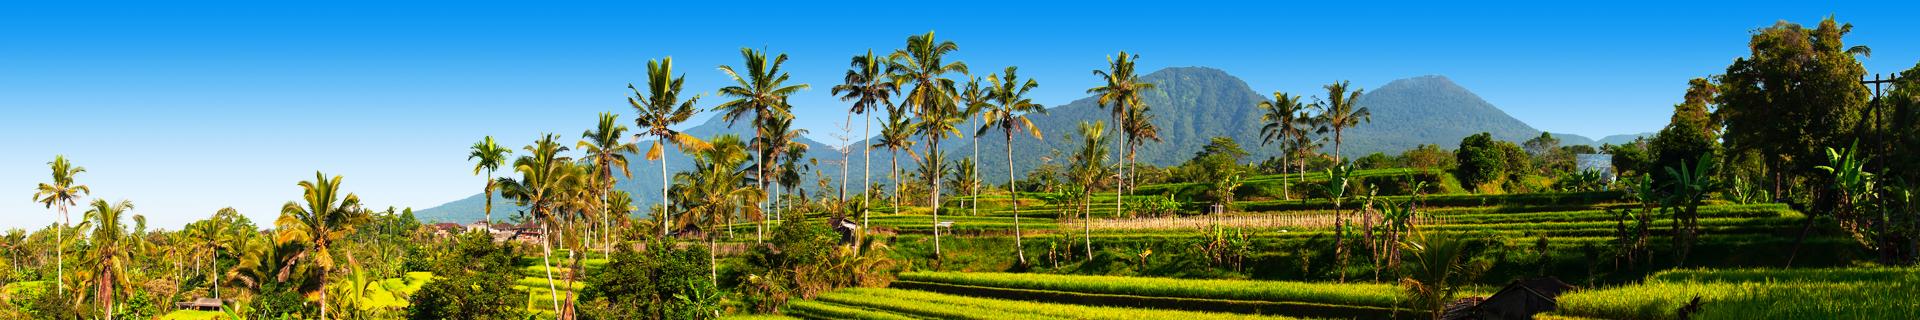 Uitzicht op bergen en natuurlandschap in Indonesie